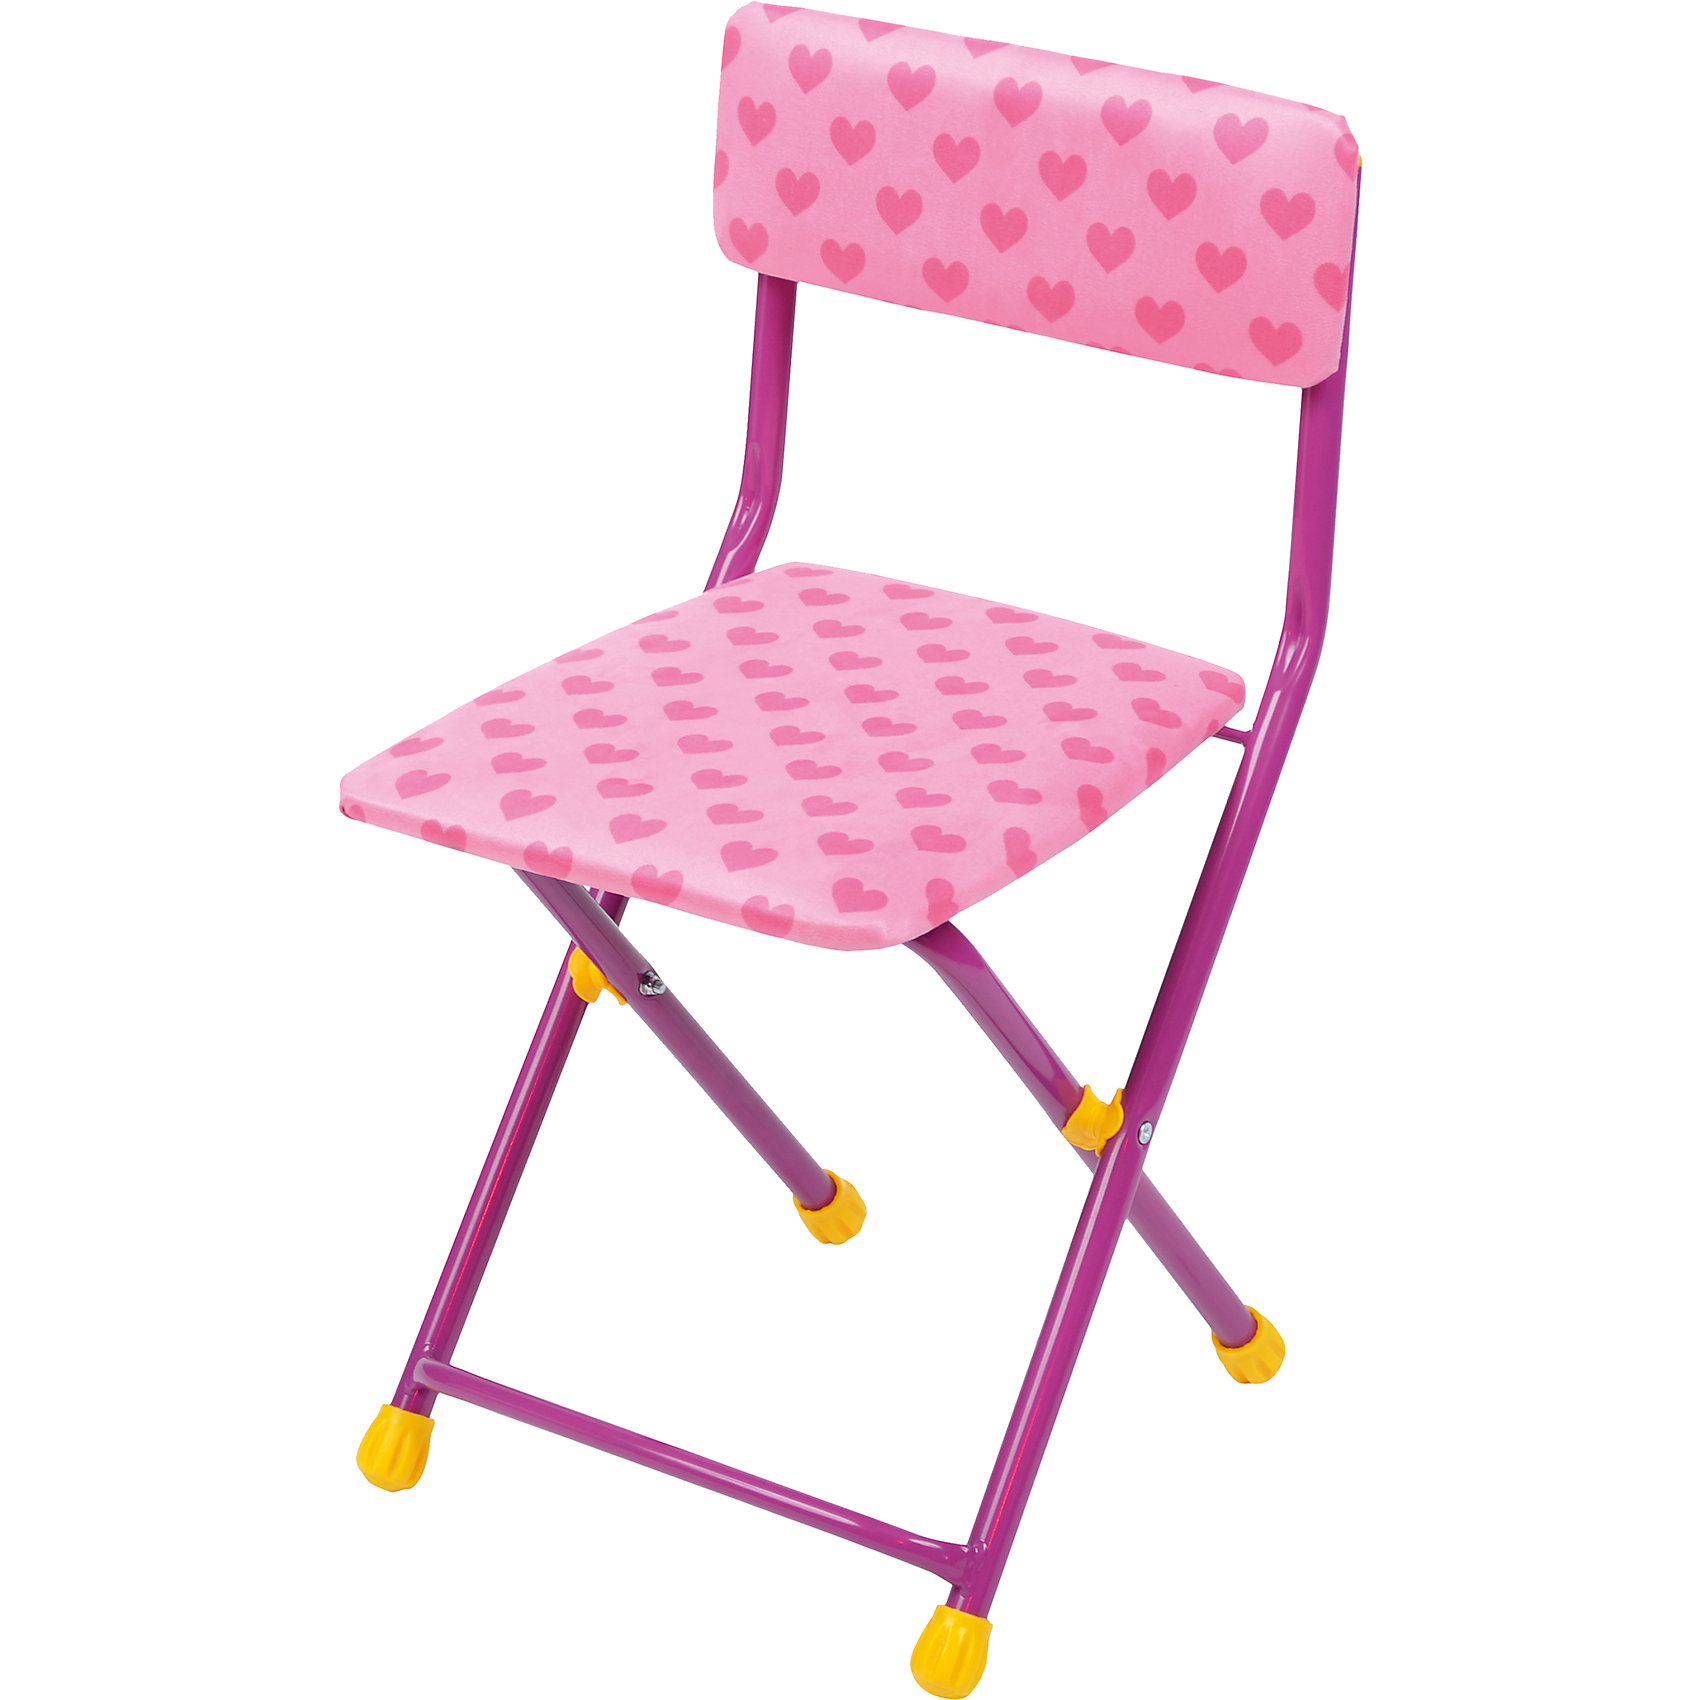 Складной стул с мягким сиденьем КУ1 Сердечки, Ника, розовыйСтолы и стулья<br>Характеристики товара:<br><br>• цвет: розовый <br>• материал: металл, пластик, текстиль<br>• сиденье: 310х270 мм<br>• высота до сиденья: 320 мм<br>• высота со спинкой 570 мм<br>• на ножках пластмассовые наконечники<br>• складной<br>• на сиденье мягкая обивка из флока <br>• возраст: от 3 до 7 лет<br>• страна бренда: Российская Федерация<br>• страна производства: Российская Федерация<br><br>Детская мебель может быть удобной и эргономичной! Этот стул разработан специально для детей от трех до семи лет. Он легко складывается и раскладывается, занимает немного места. Сиденье обито мягким флоком, а на ножках стула установлены пластмассовые наконечники для защиты напольного покрытия. Отличное решение для игр, творчества и обучения!<br>Правильно подобранная мебель помогает ребенку расти здоровым, формироваться правильной осанке. Изделие производится из качественных сертифицированных материалов, безопасных даже для самых маленьких.<br><br>Складной стул с мягким сиденьем КУ1 Сердечки, розовый от бренда Ника можно купить в нашем интернет-магазине.<br><br>Ширина мм: 700<br>Глубина мм: 160<br>Высота мм: 330<br>Вес г: 2520<br>Возраст от месяцев: 36<br>Возраст до месяцев: 84<br>Пол: Женский<br>Возраст: Детский<br>SKU: 5223596